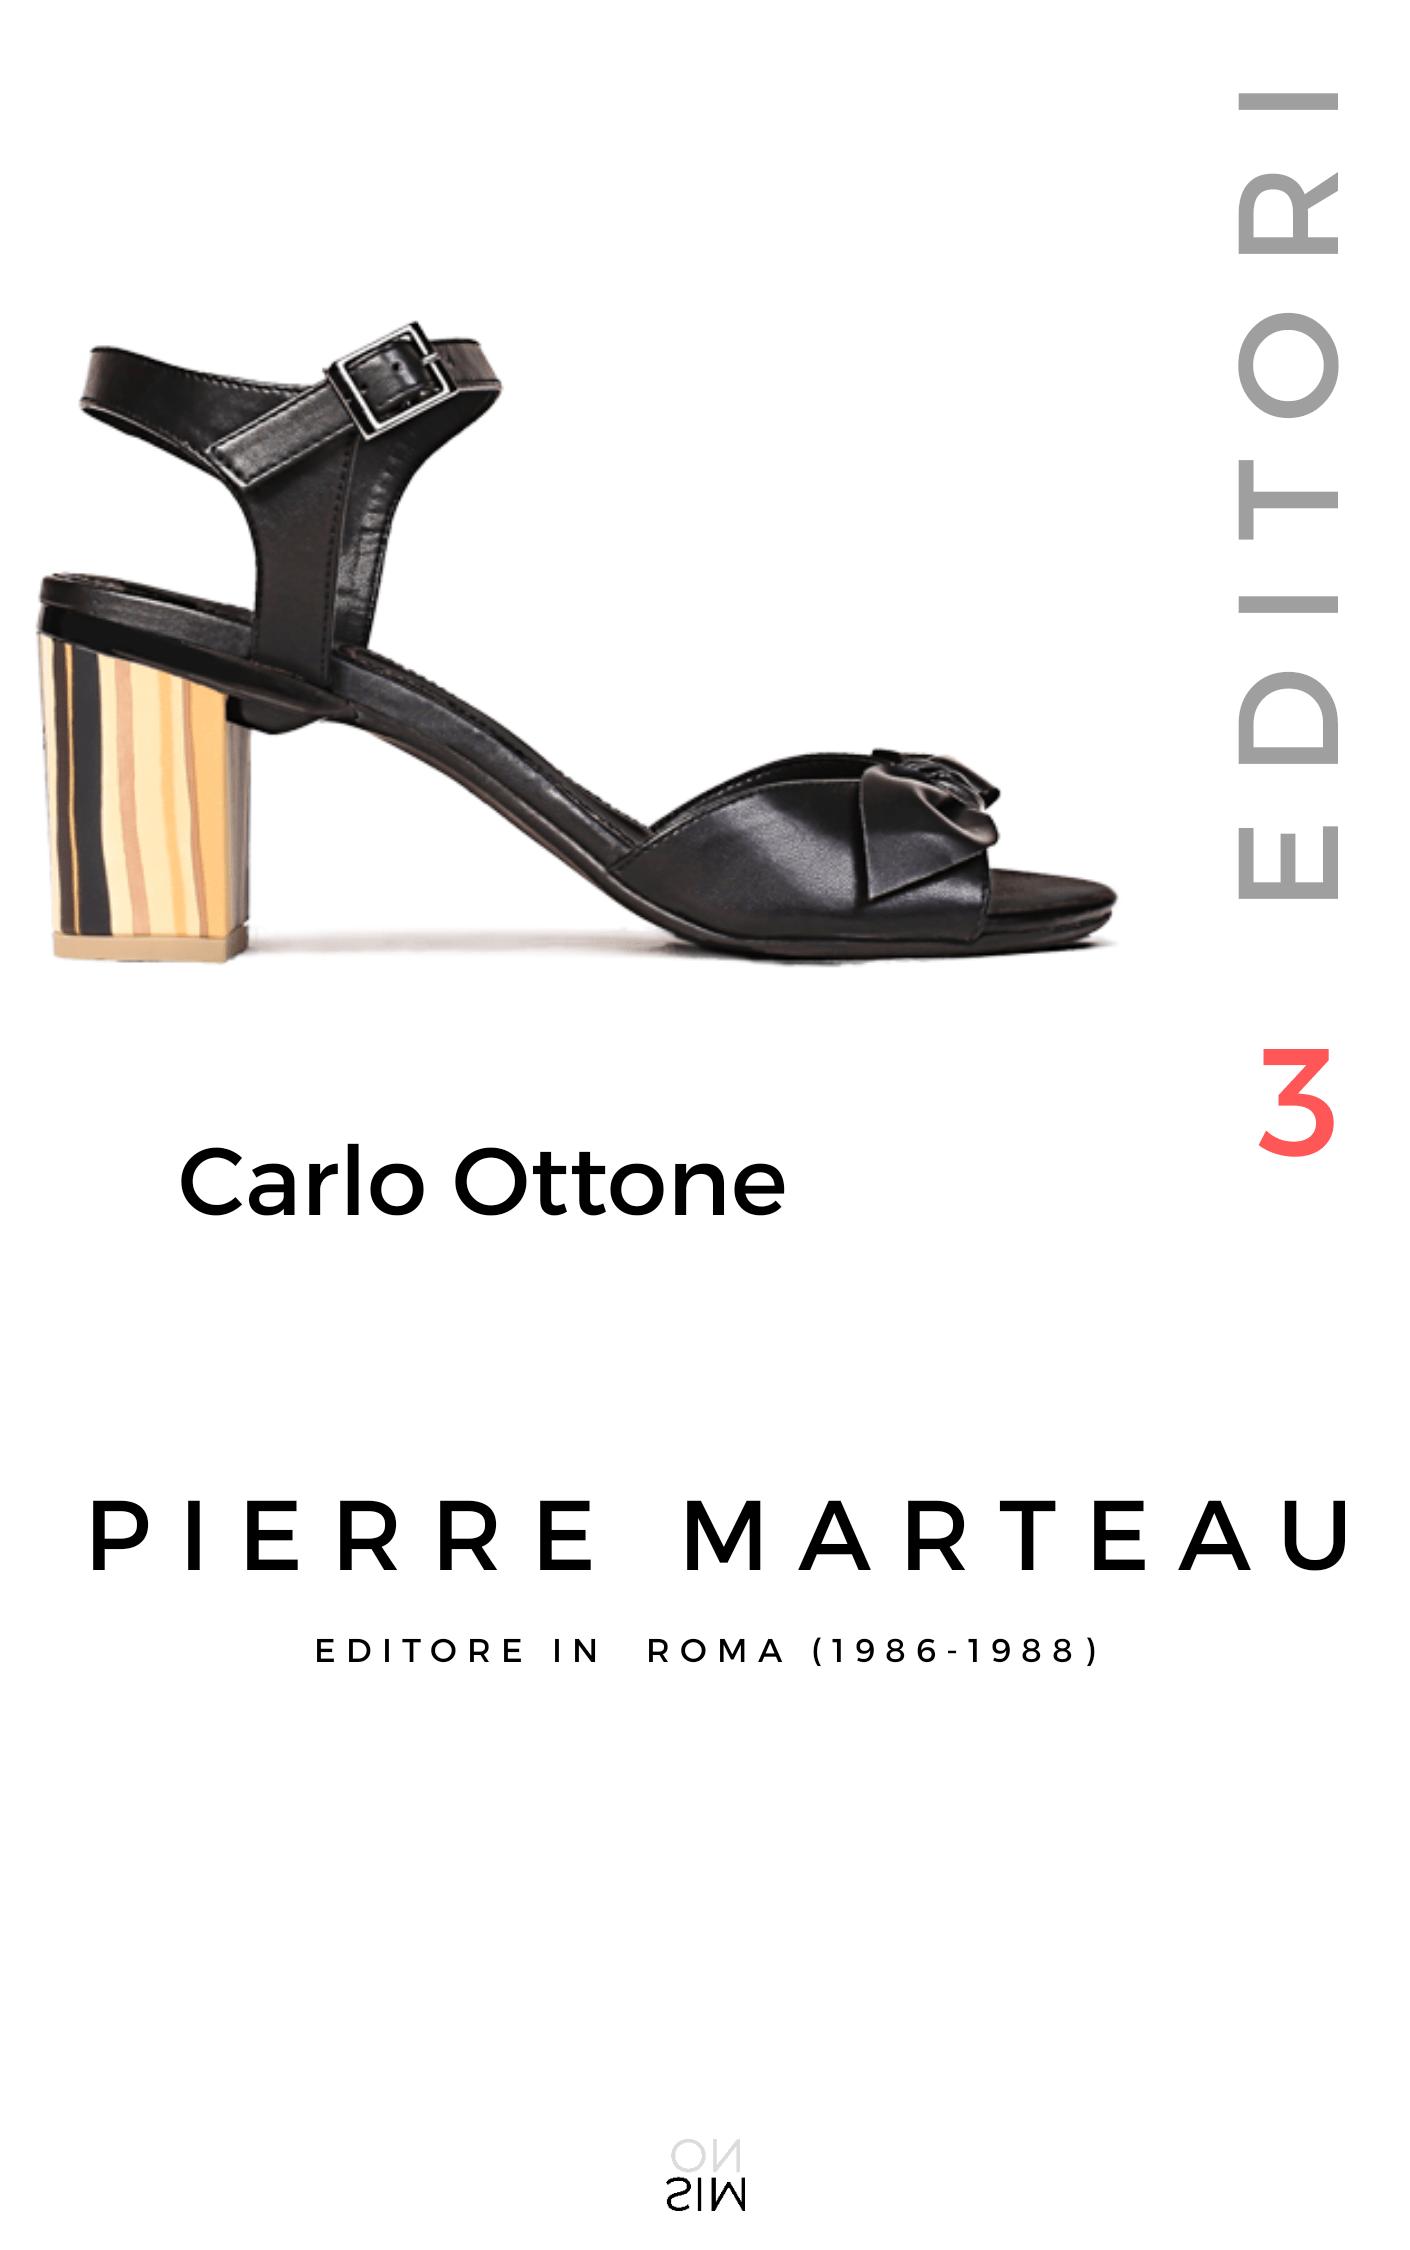 PIERRE MARTEAU: editore in Roma (1986-1988), di Carlo Ottone